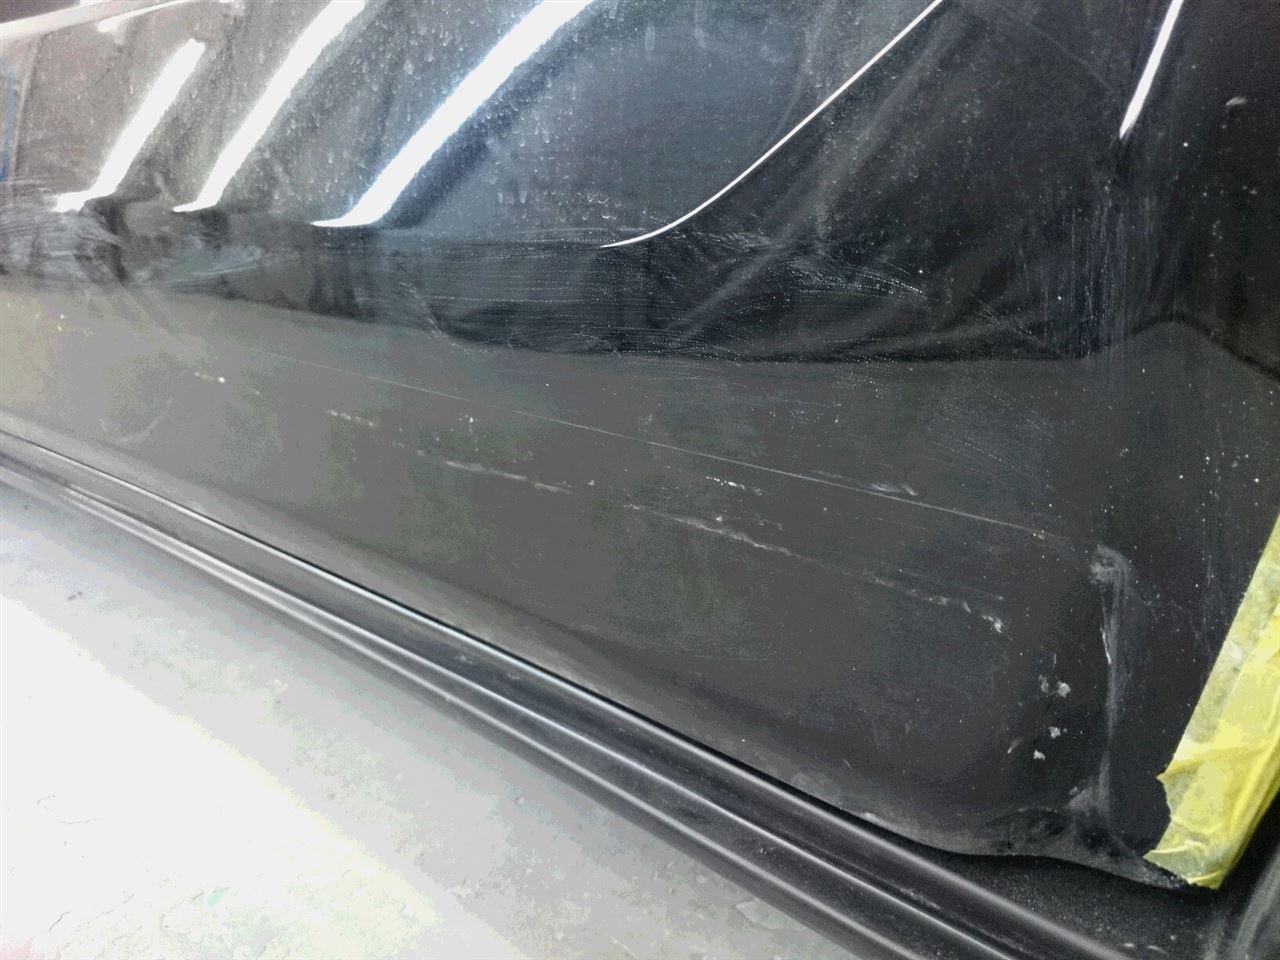 東京都立川市の車の板金塗装修理工場 ガレージローライドのトヨタ エスティマのエアロパーツ 塗装 取付 です。